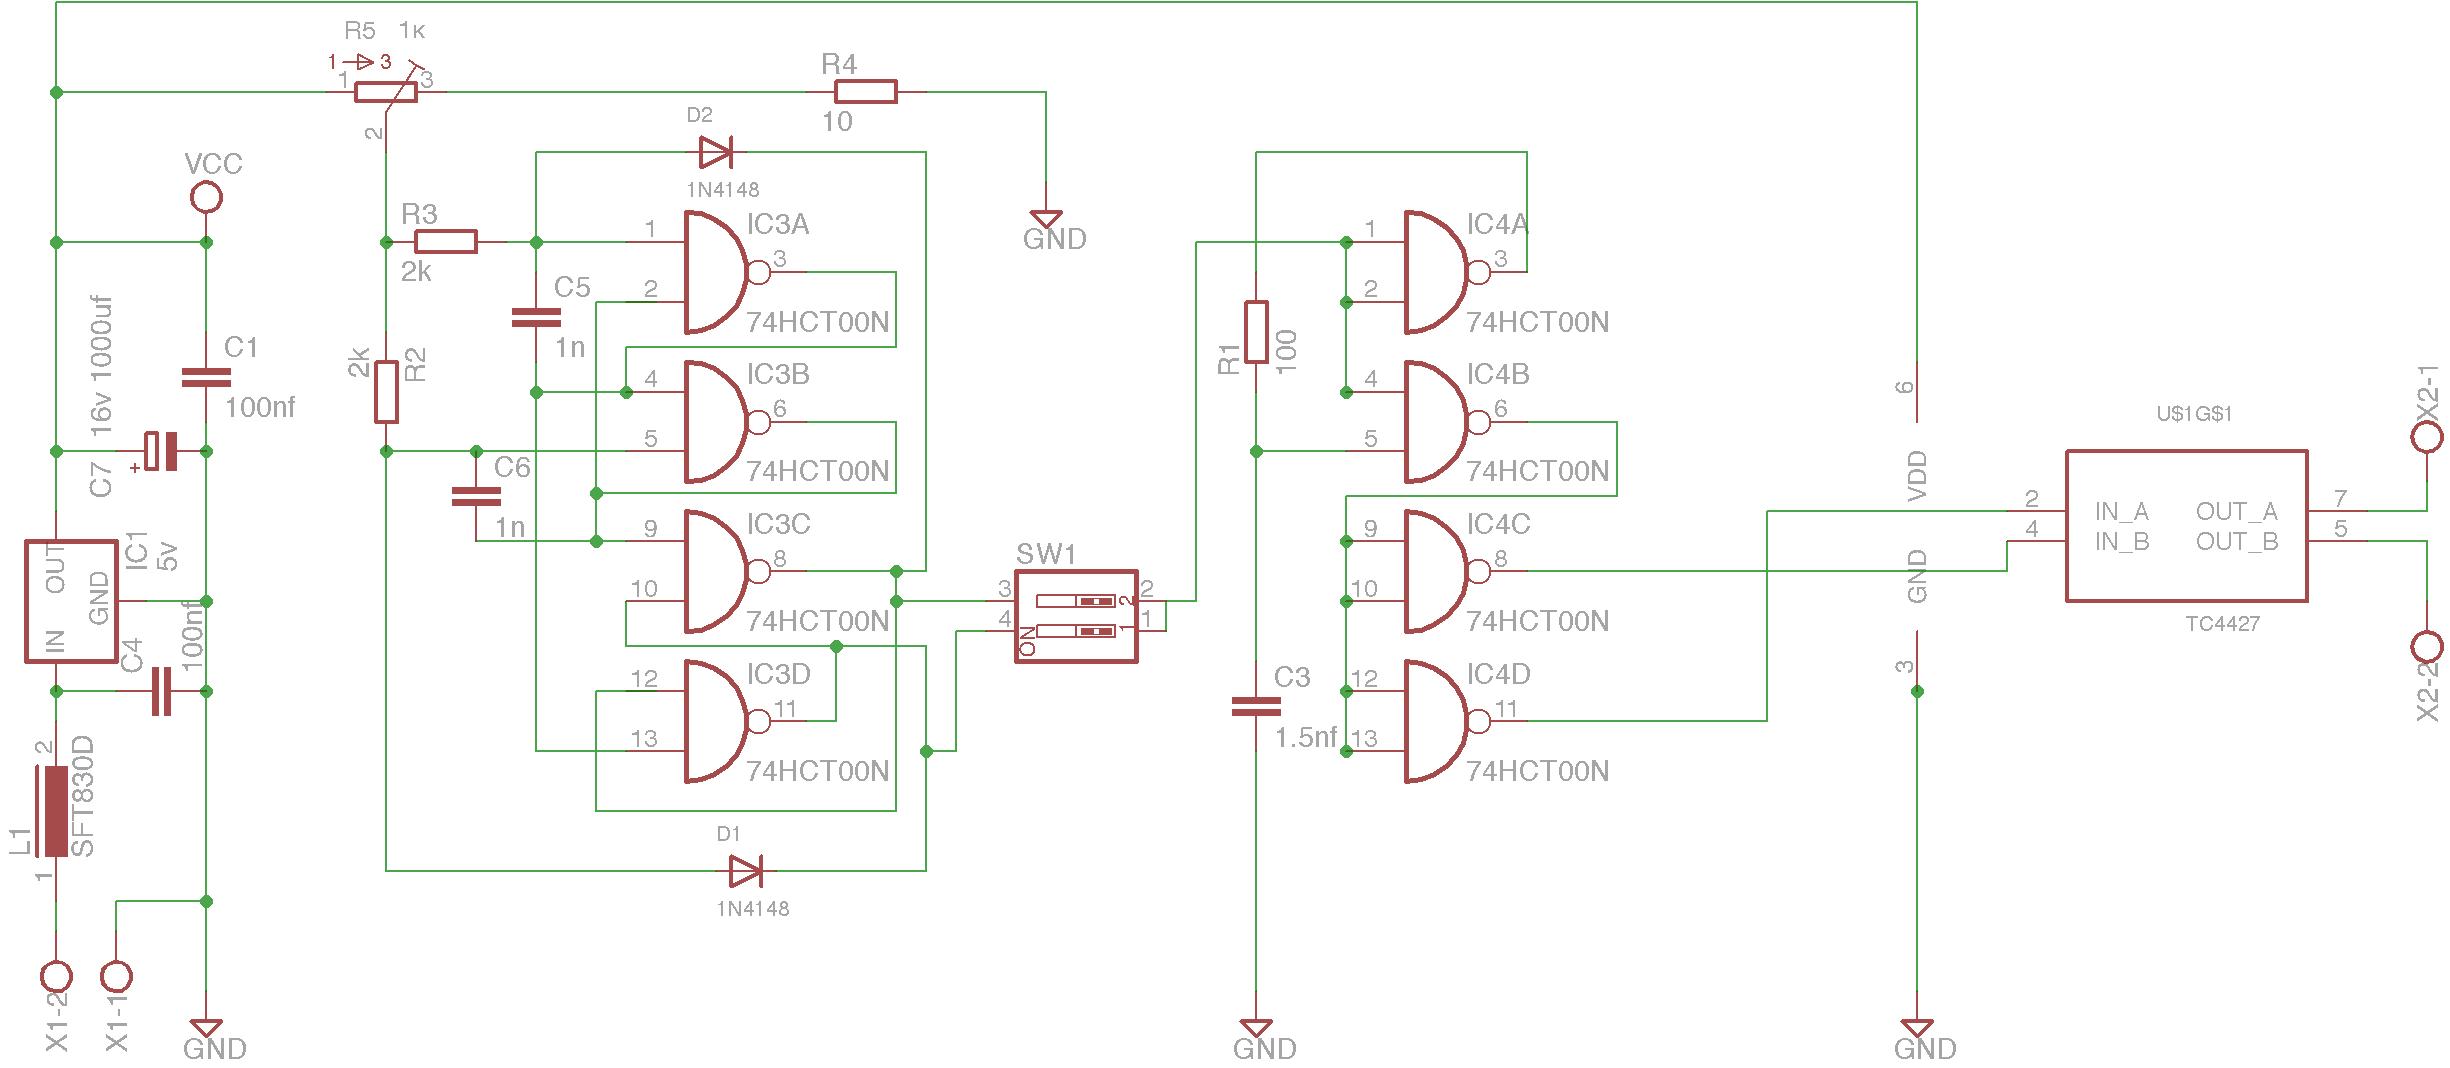 NanoSec_Schem.png